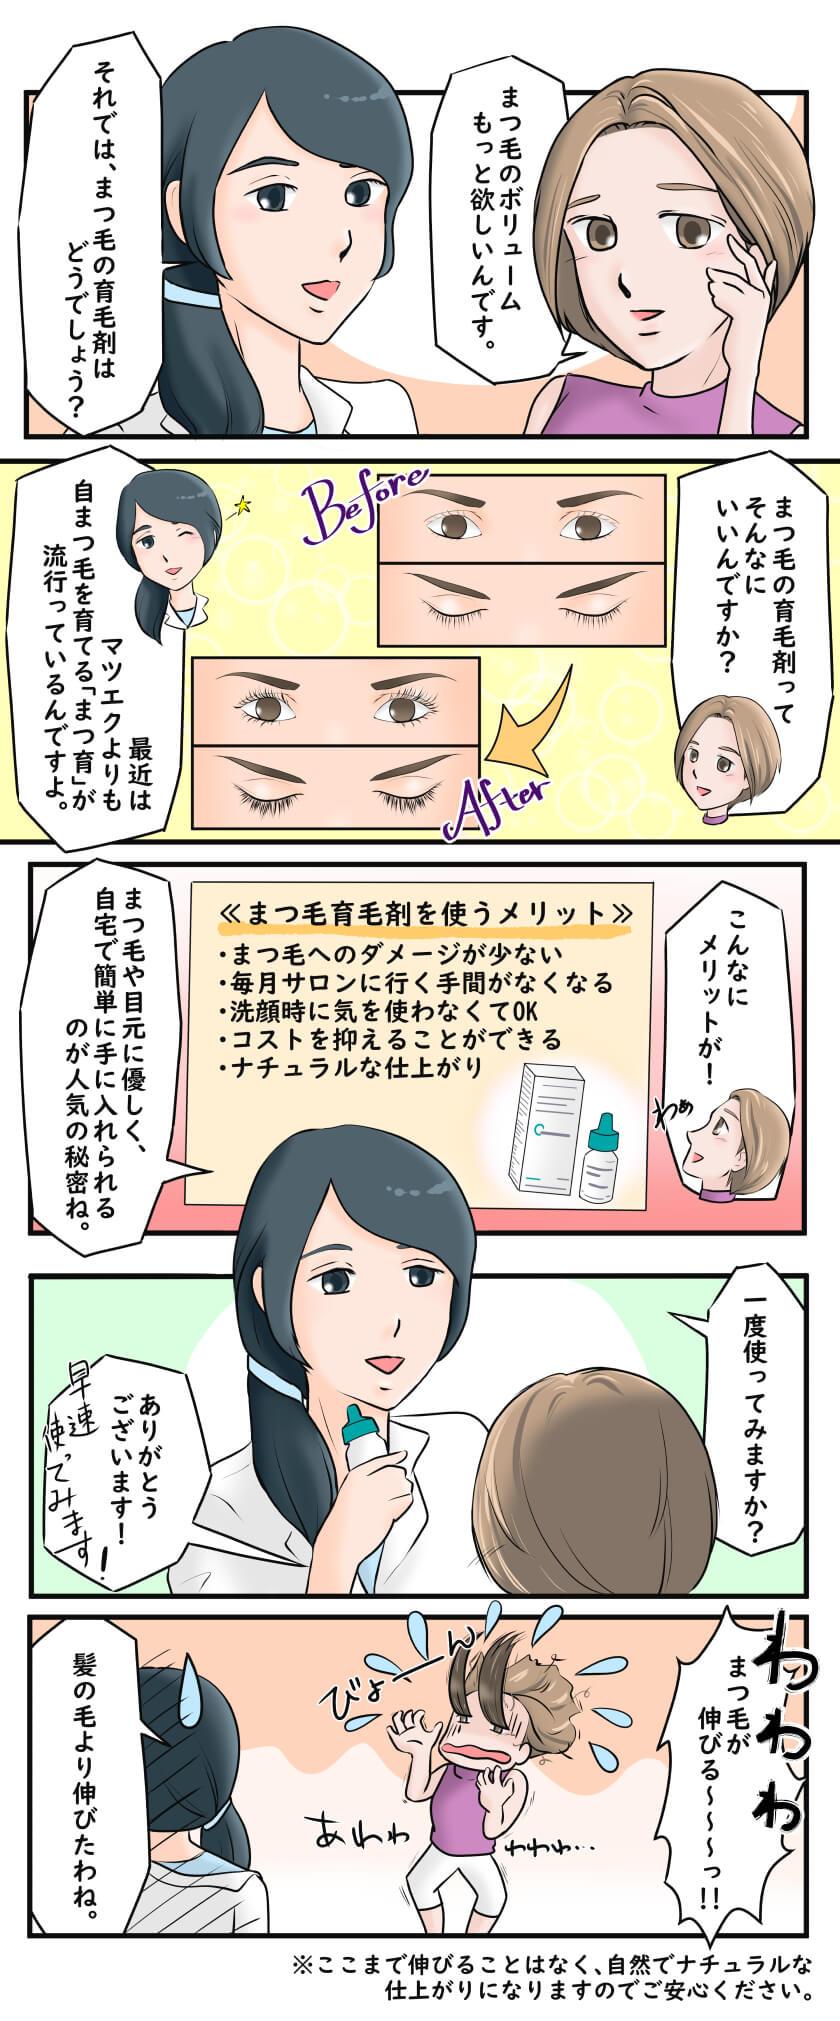 ルミガン(漫画解説バナー)